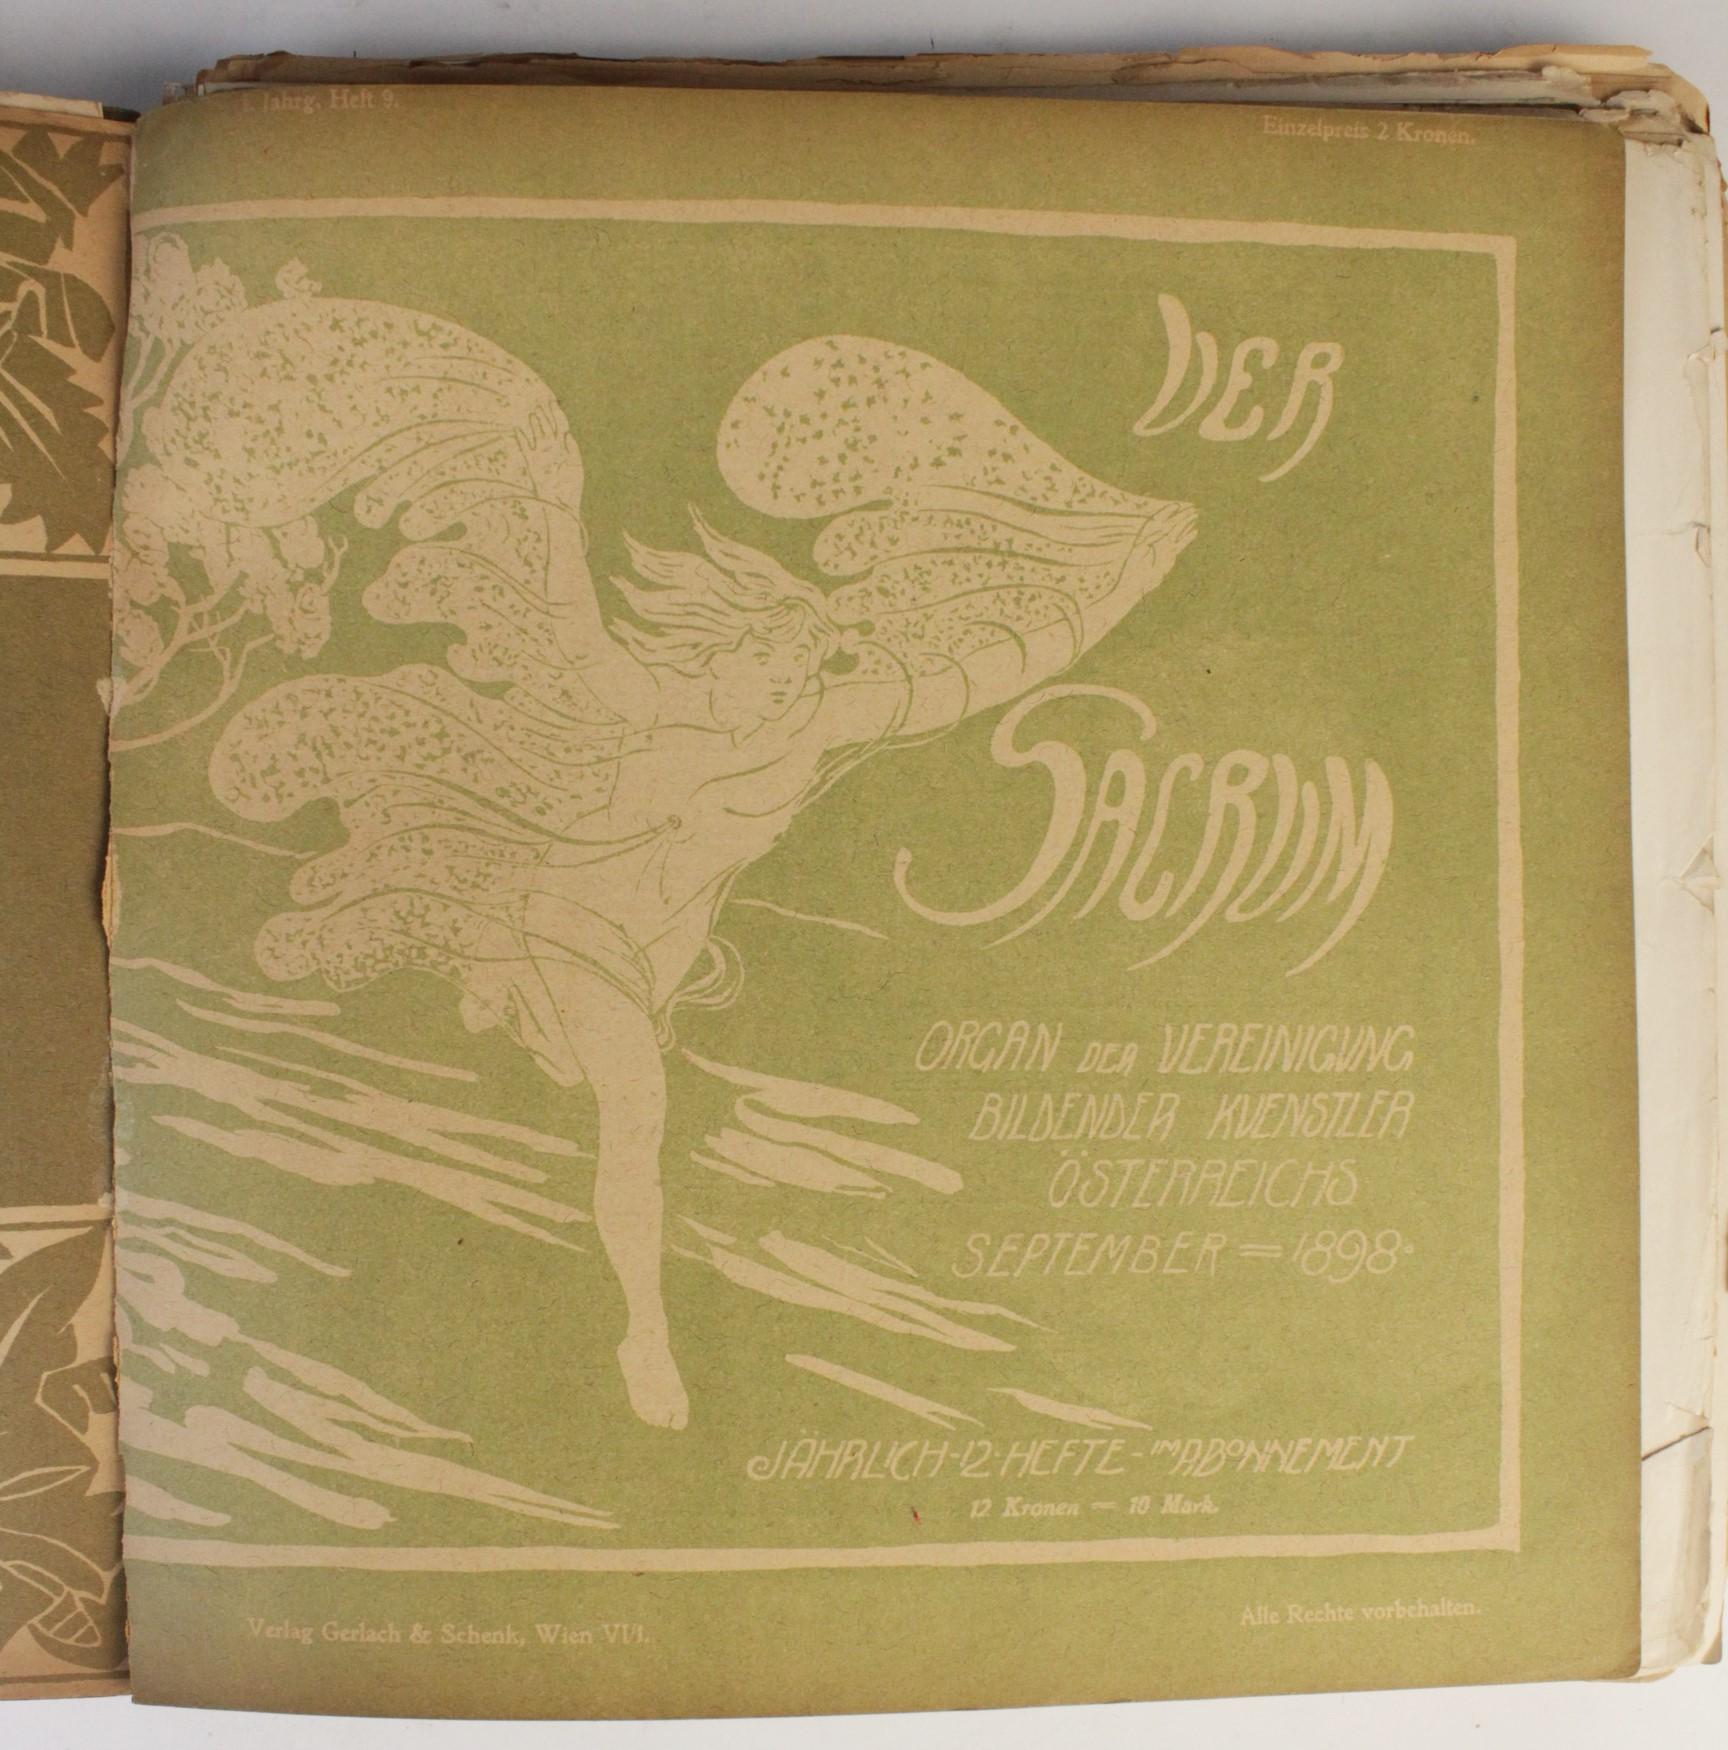 VER SACRUM, ORGAN DER JEREINIGUNG BILDENDER KUENSTLER OSTERREICHS [ORGAN OF THE PURIFICATION OF - Image 10 of 16